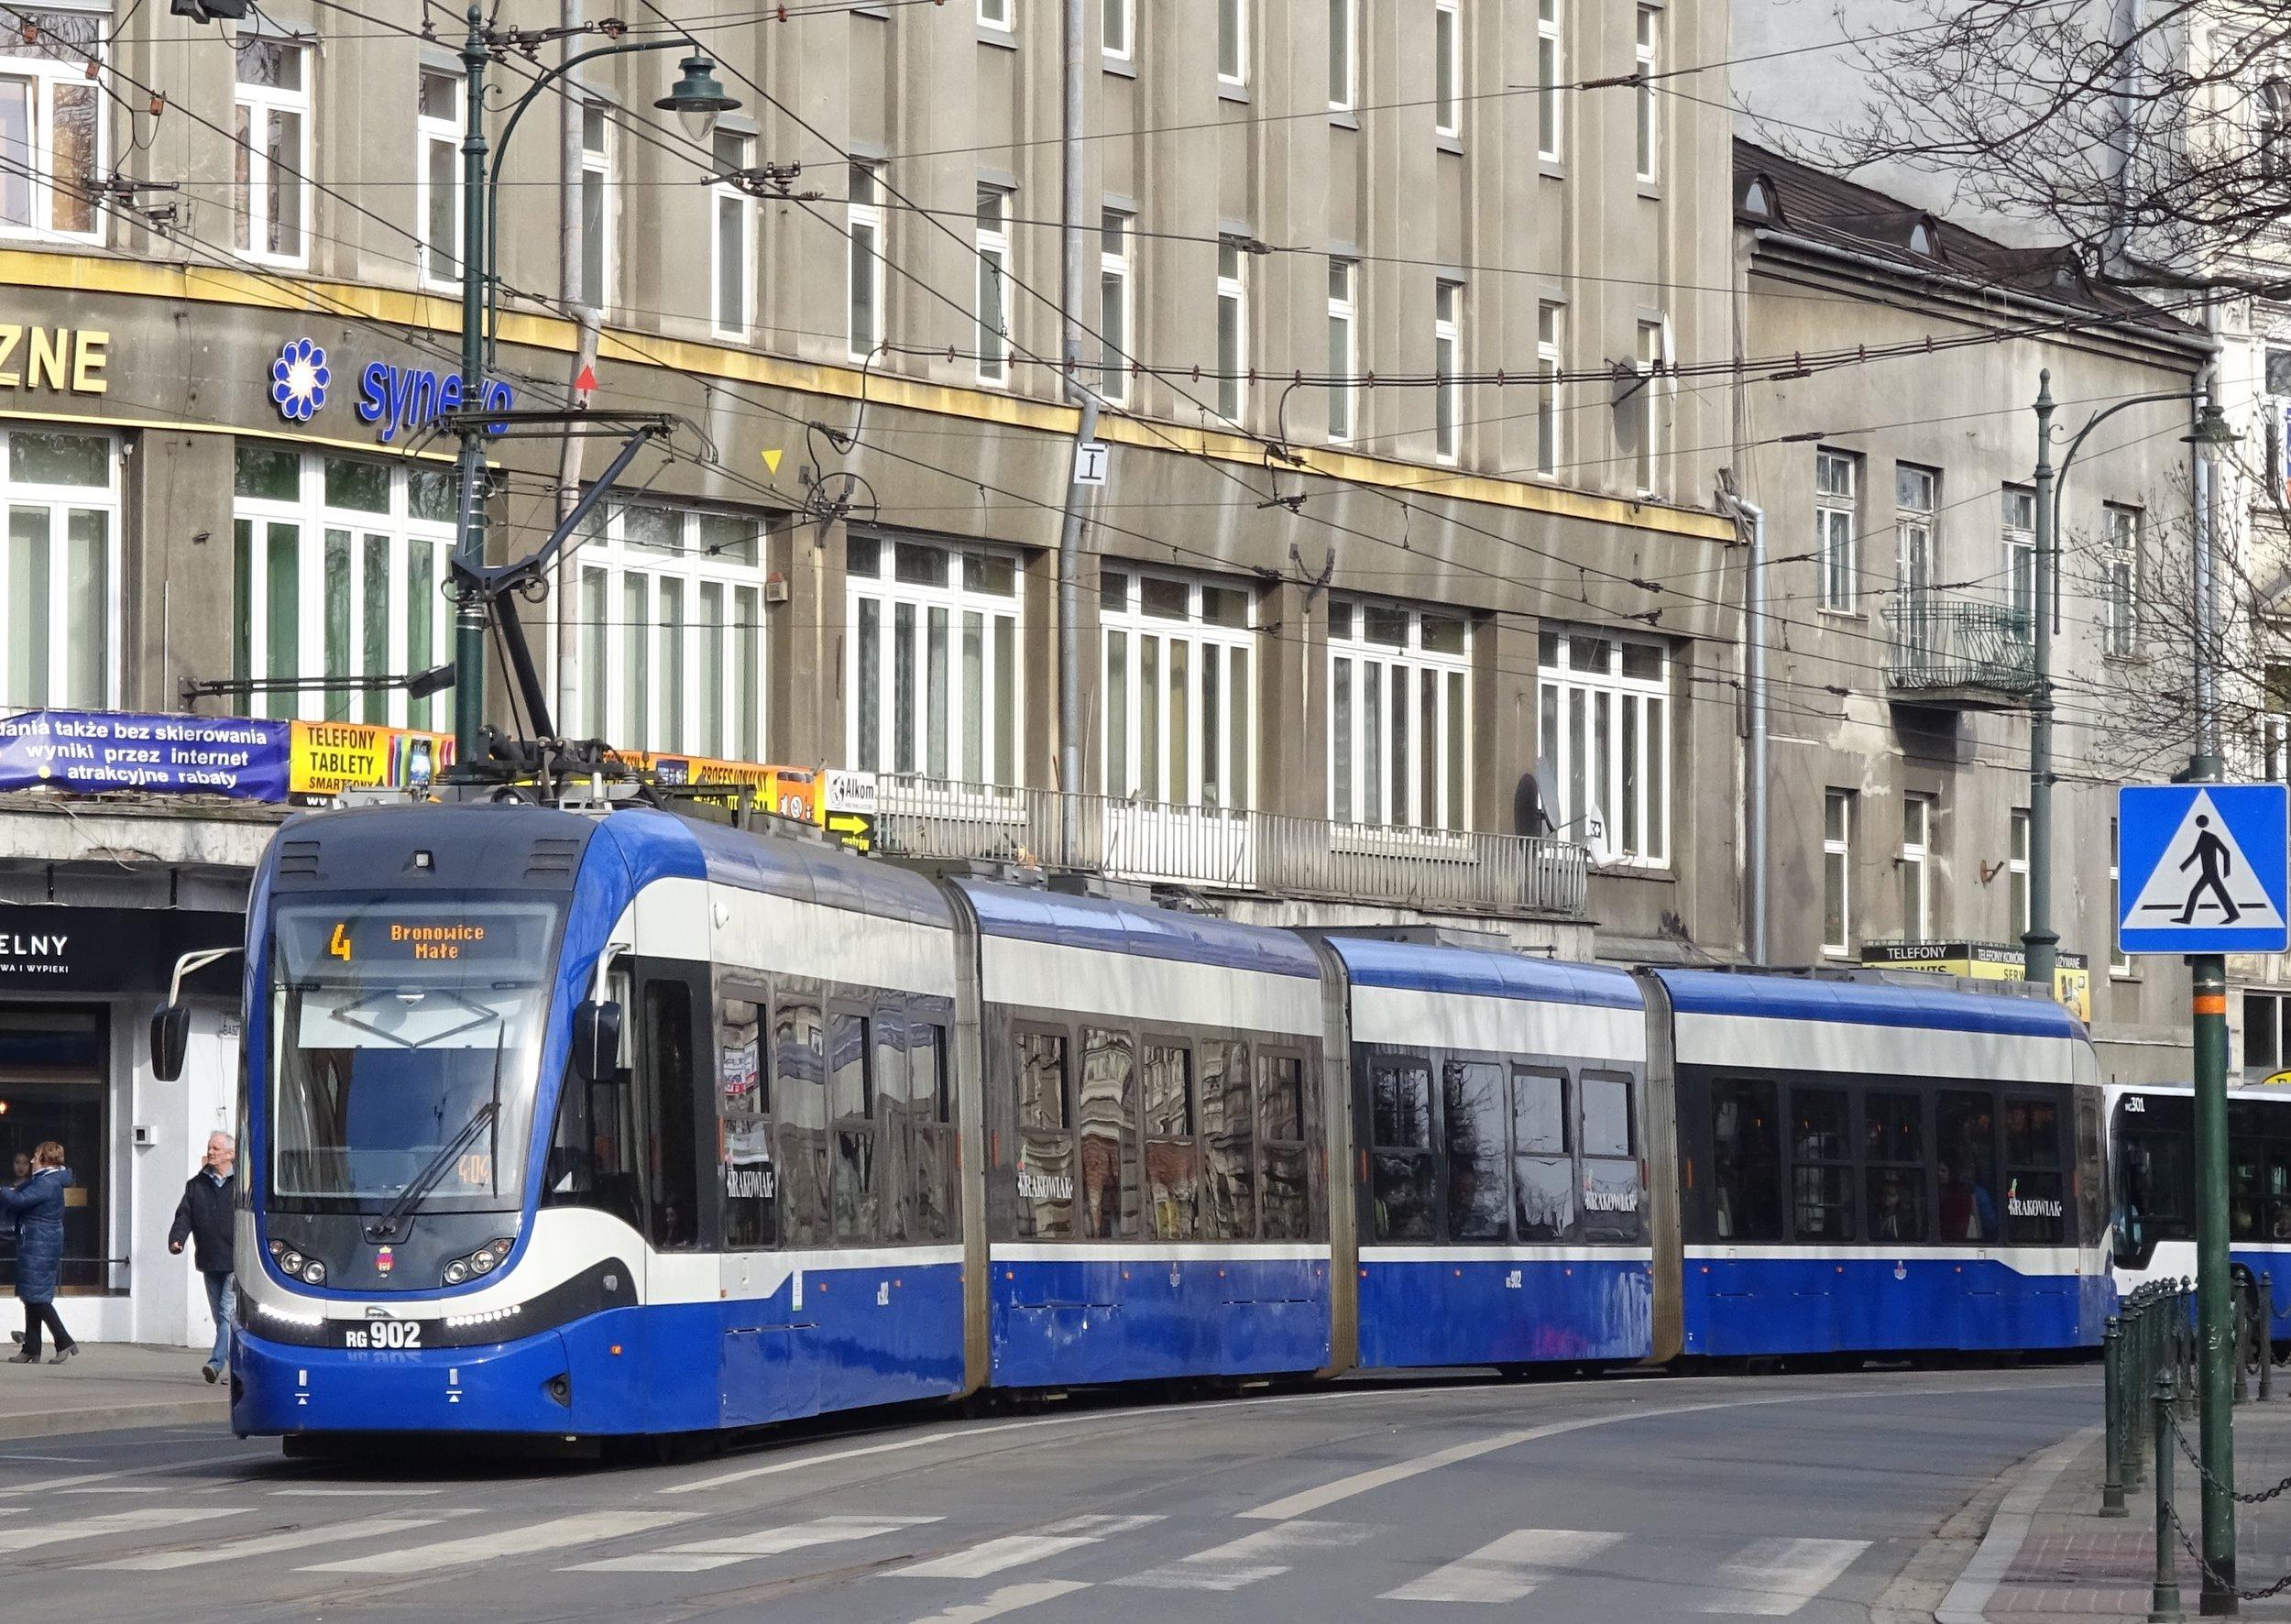 PESA 2014N známá jako Krakowiak je nejdelší tramvají provozovanou v Krakově. Dodávka 36 vozů tohoto typu se stala důvodem, proč chtěl MPK Kraków výrobce vyloučit z aktuálního tendru na dalších 50 vozidel. (zdroj: Wikipedia.pl)